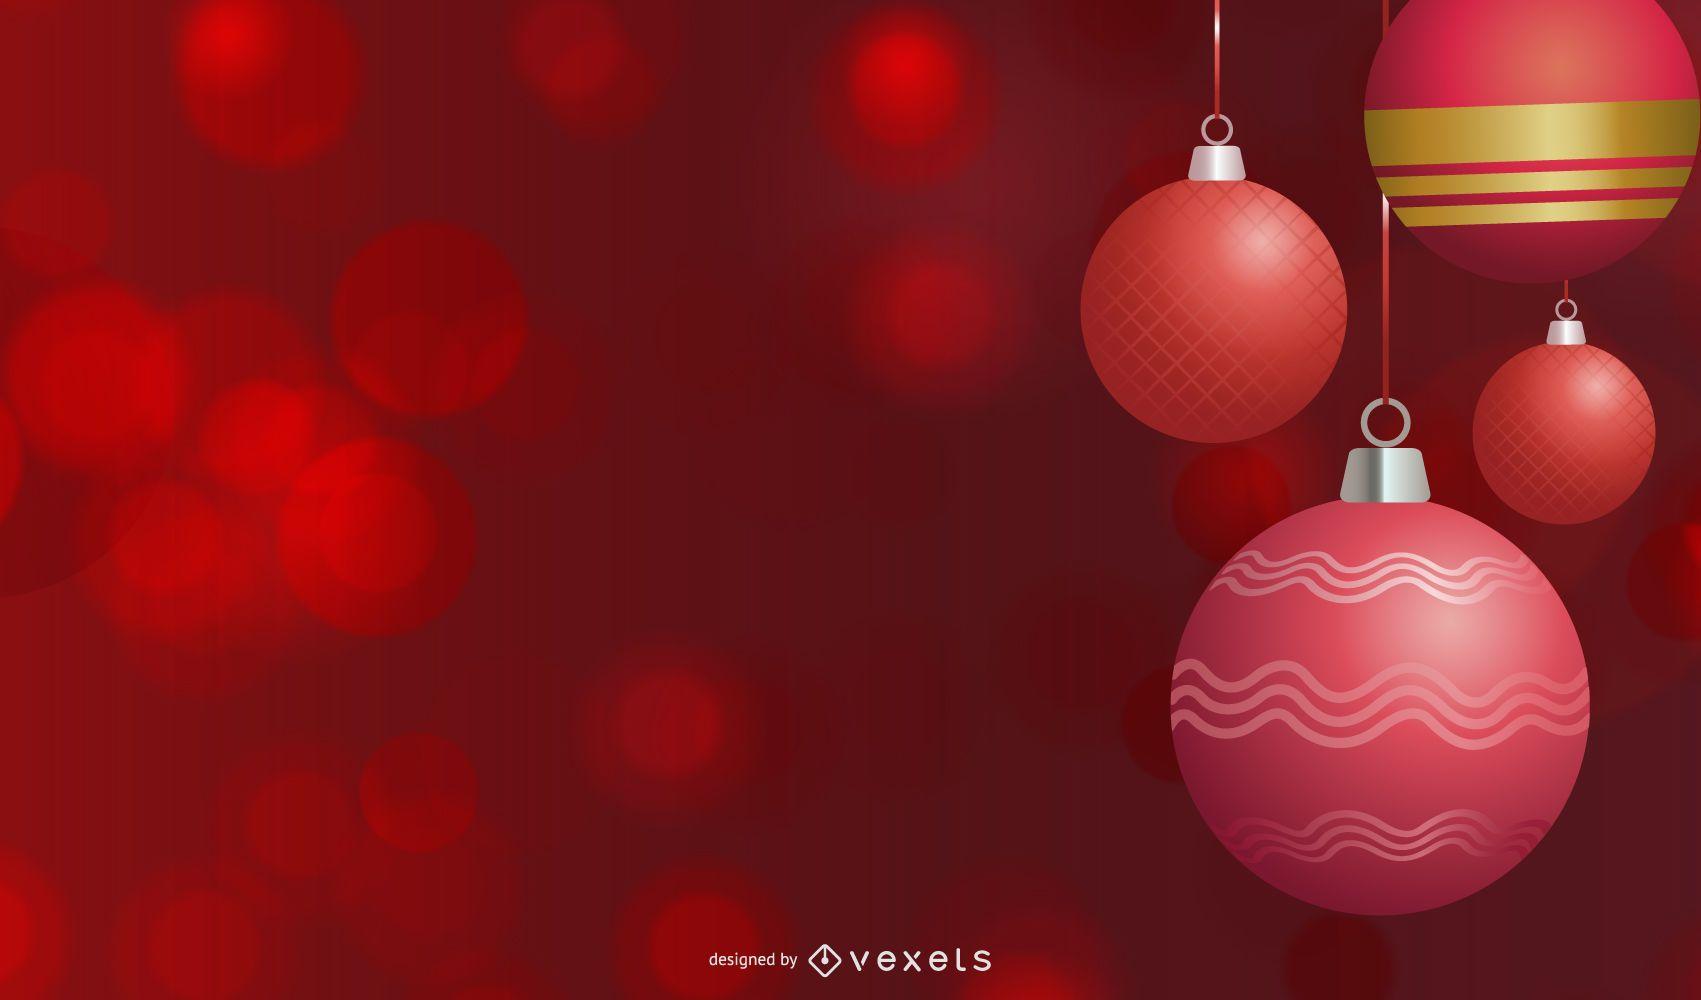 Diseño de vector de adorno de Navidad rojo